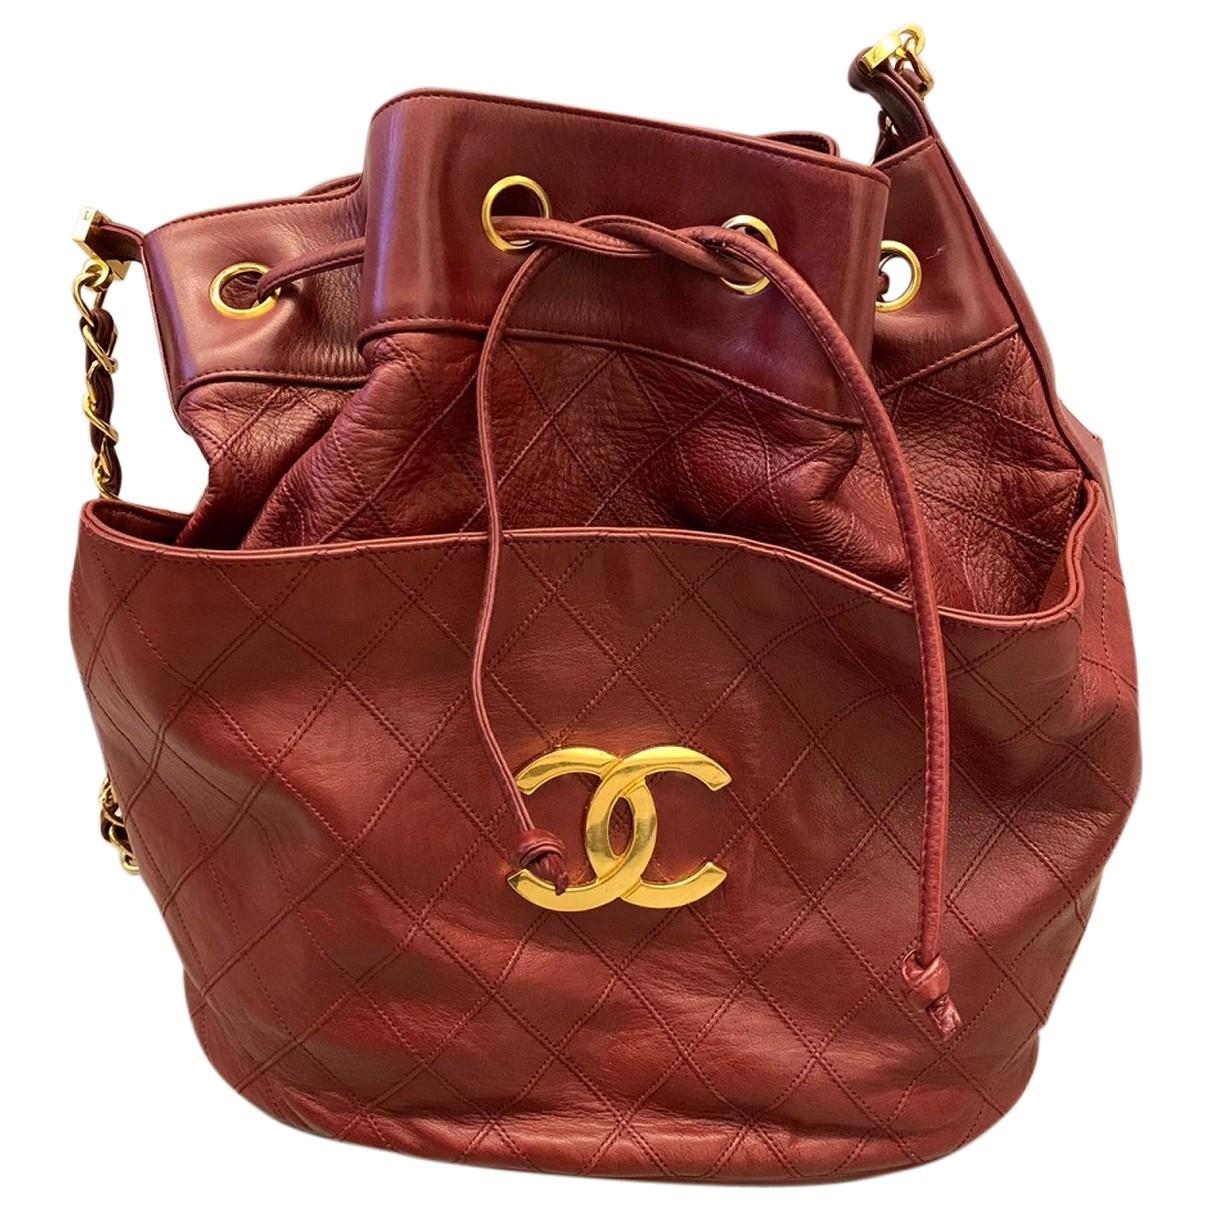 Chanel - Sac a main   pour femme en cuir - bordeaux